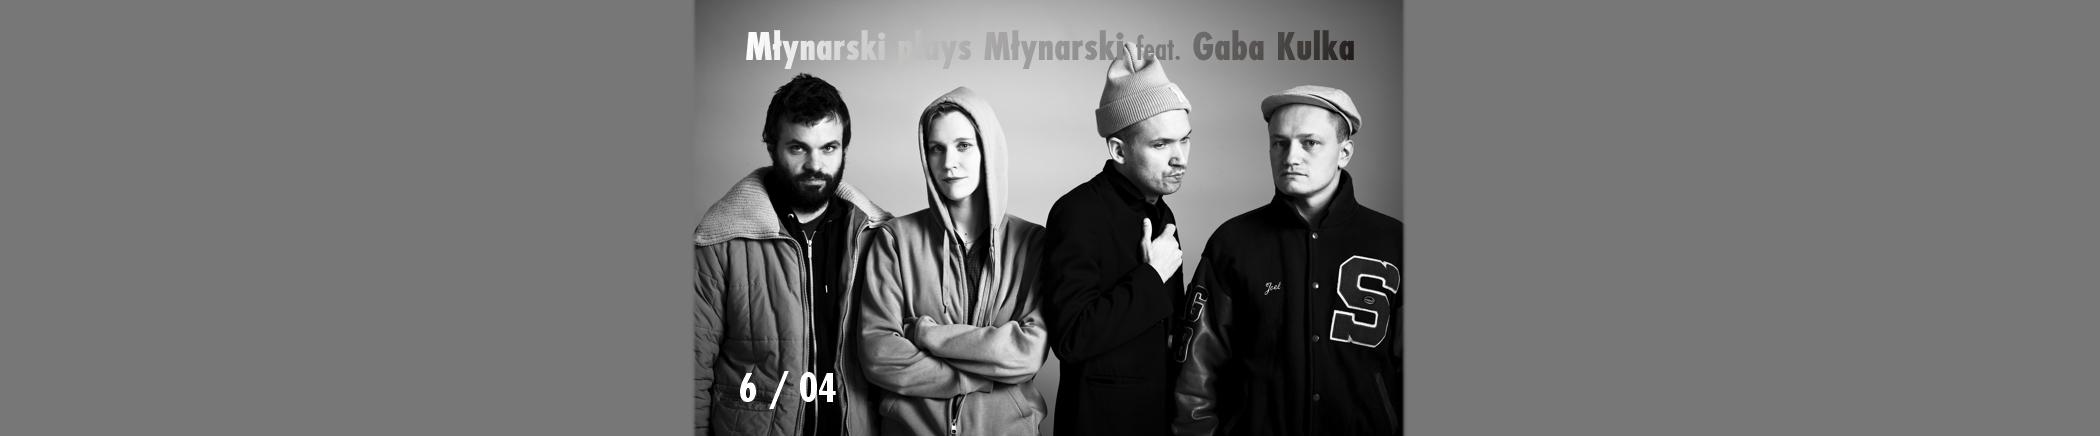 Na scenie Gaba Kulka i Jan Młynarski